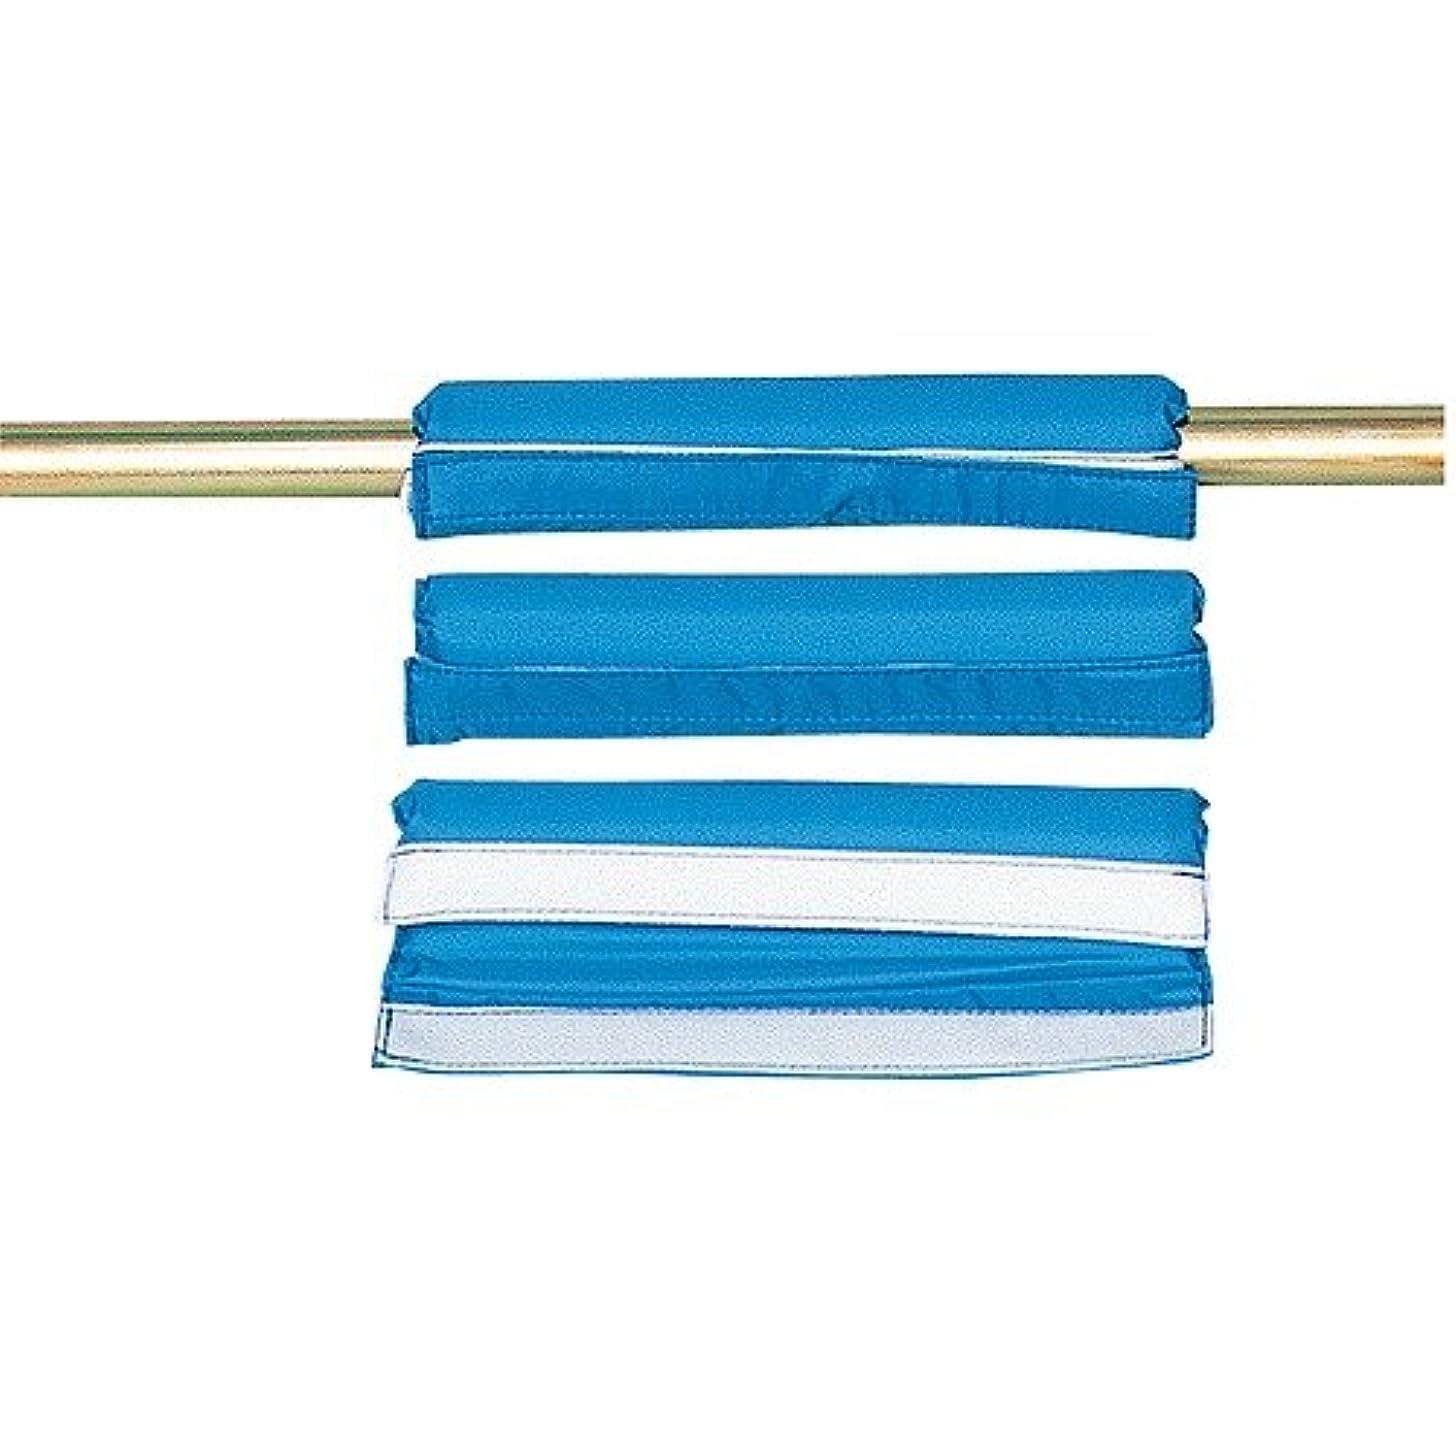 会龍企業 鉄棒サポートパット S 8個 ブルー